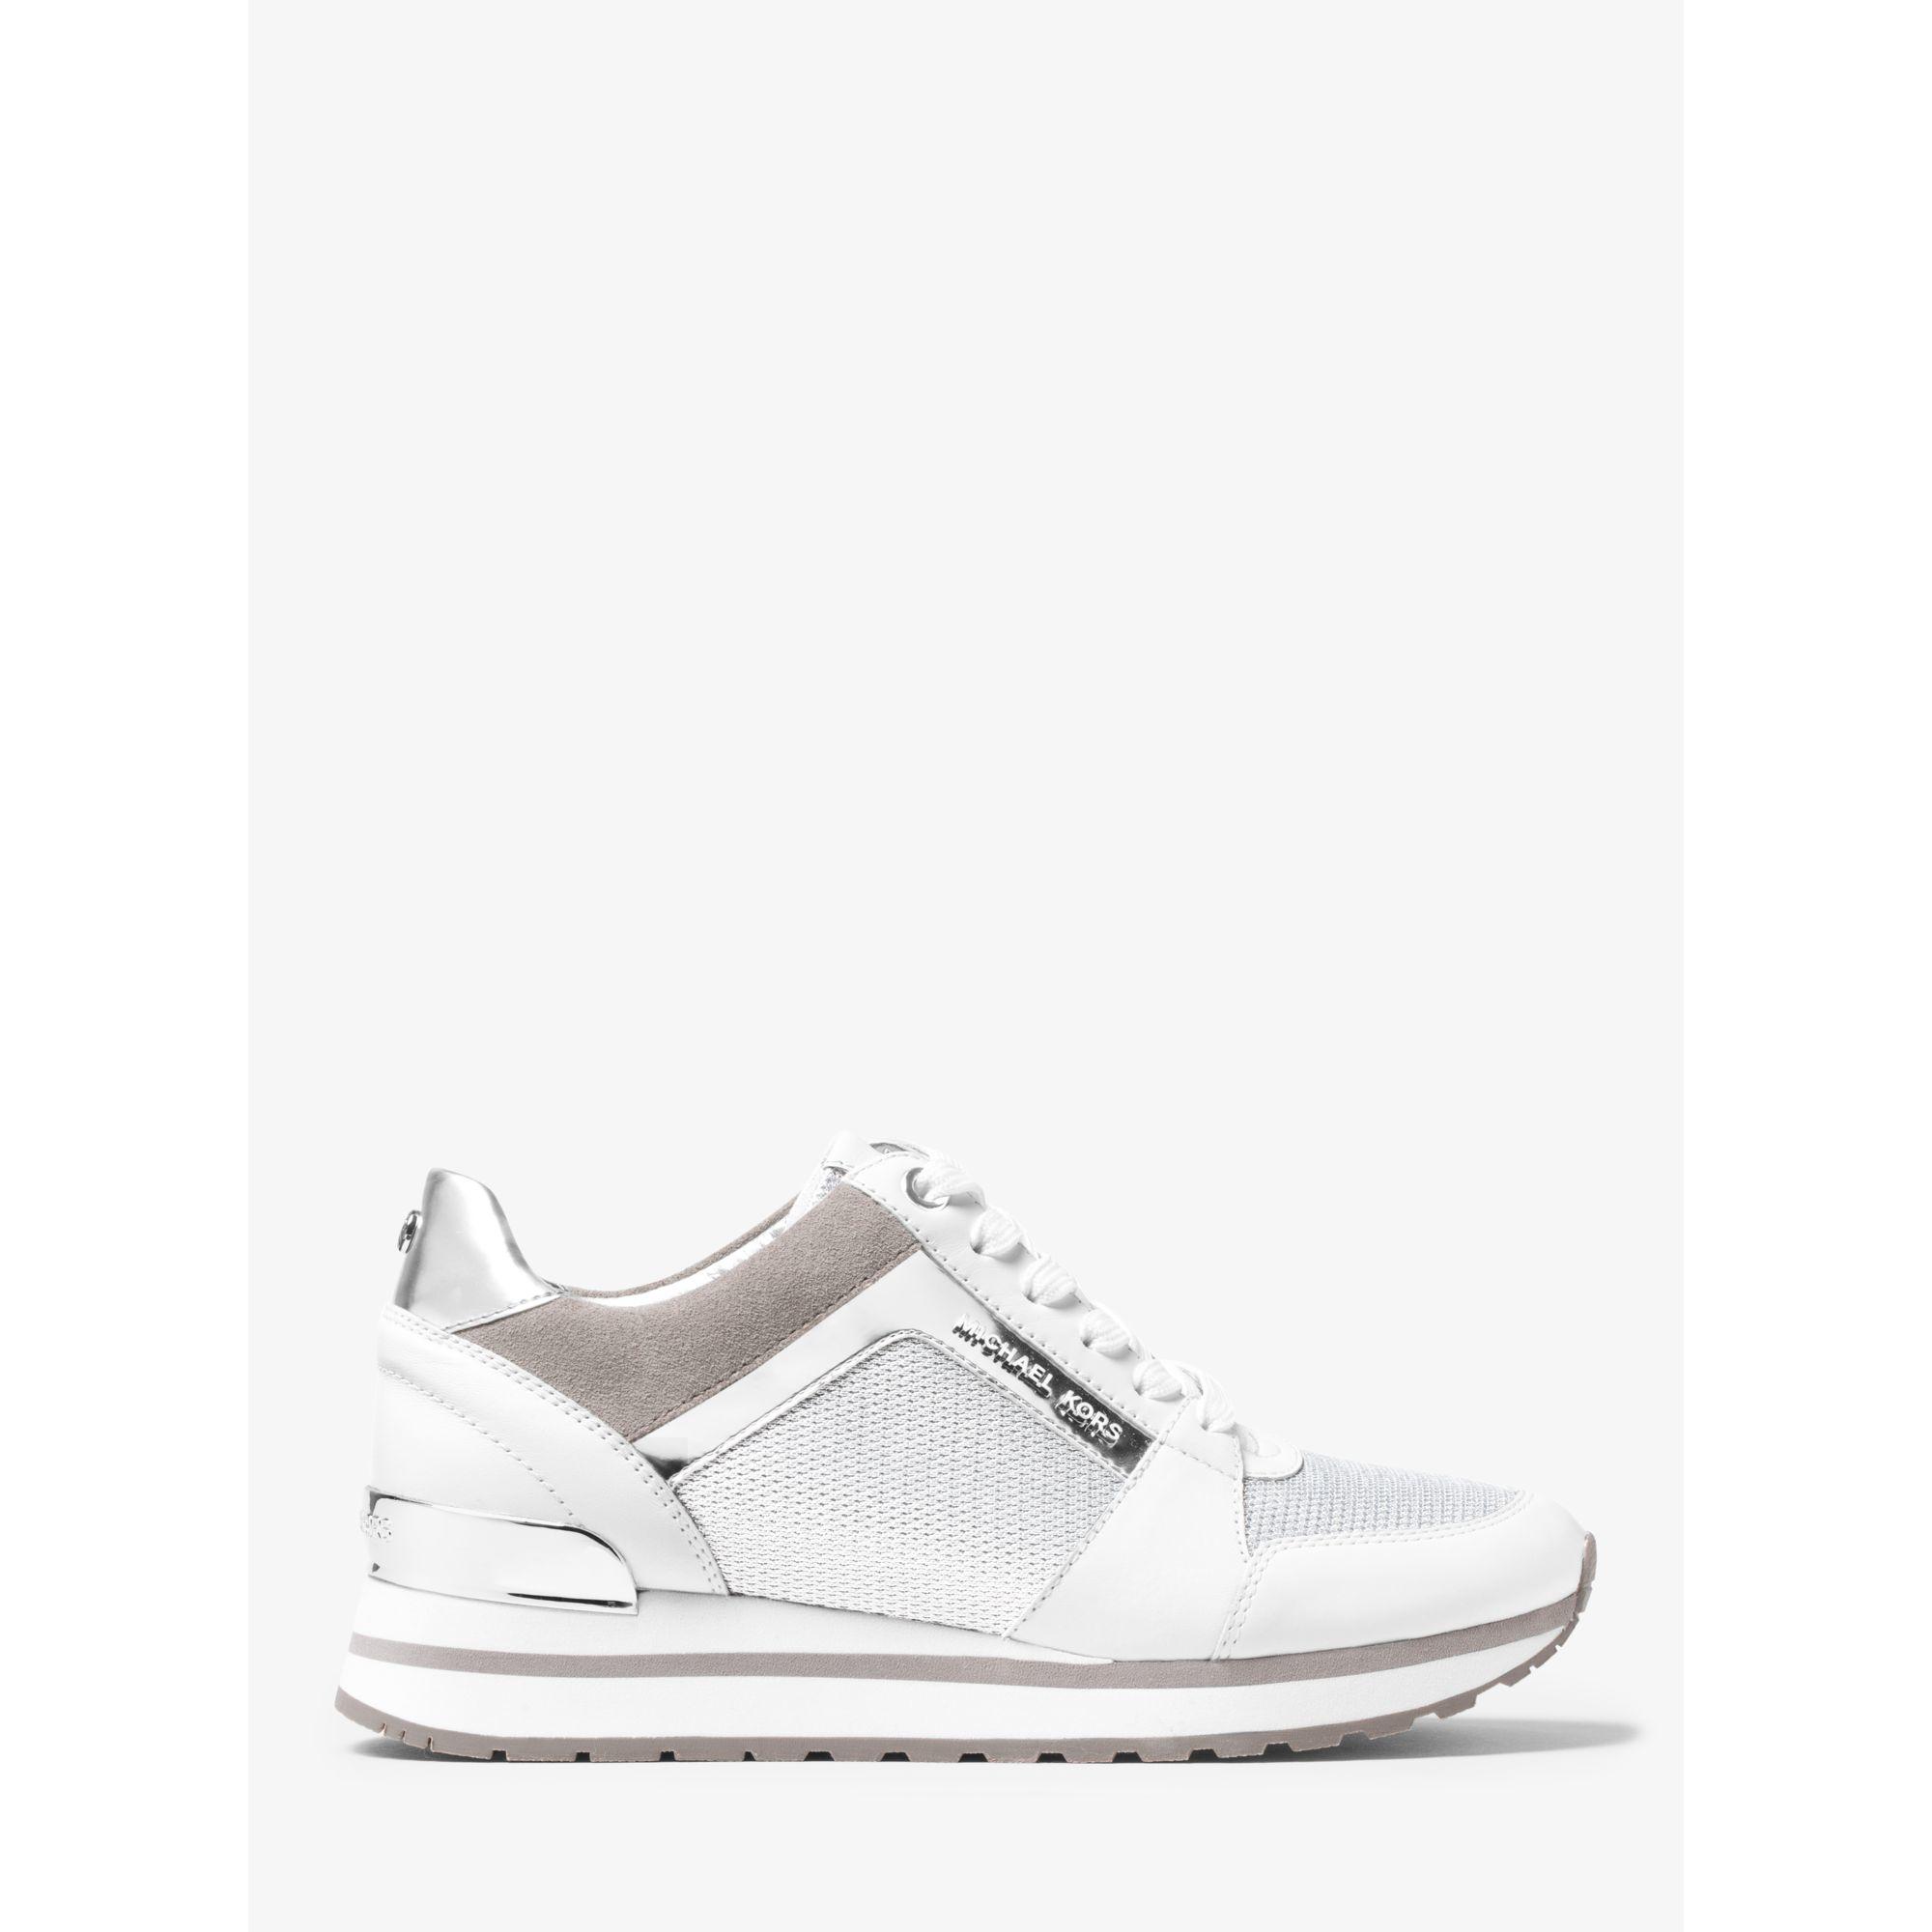 michael kors mesh sneakers